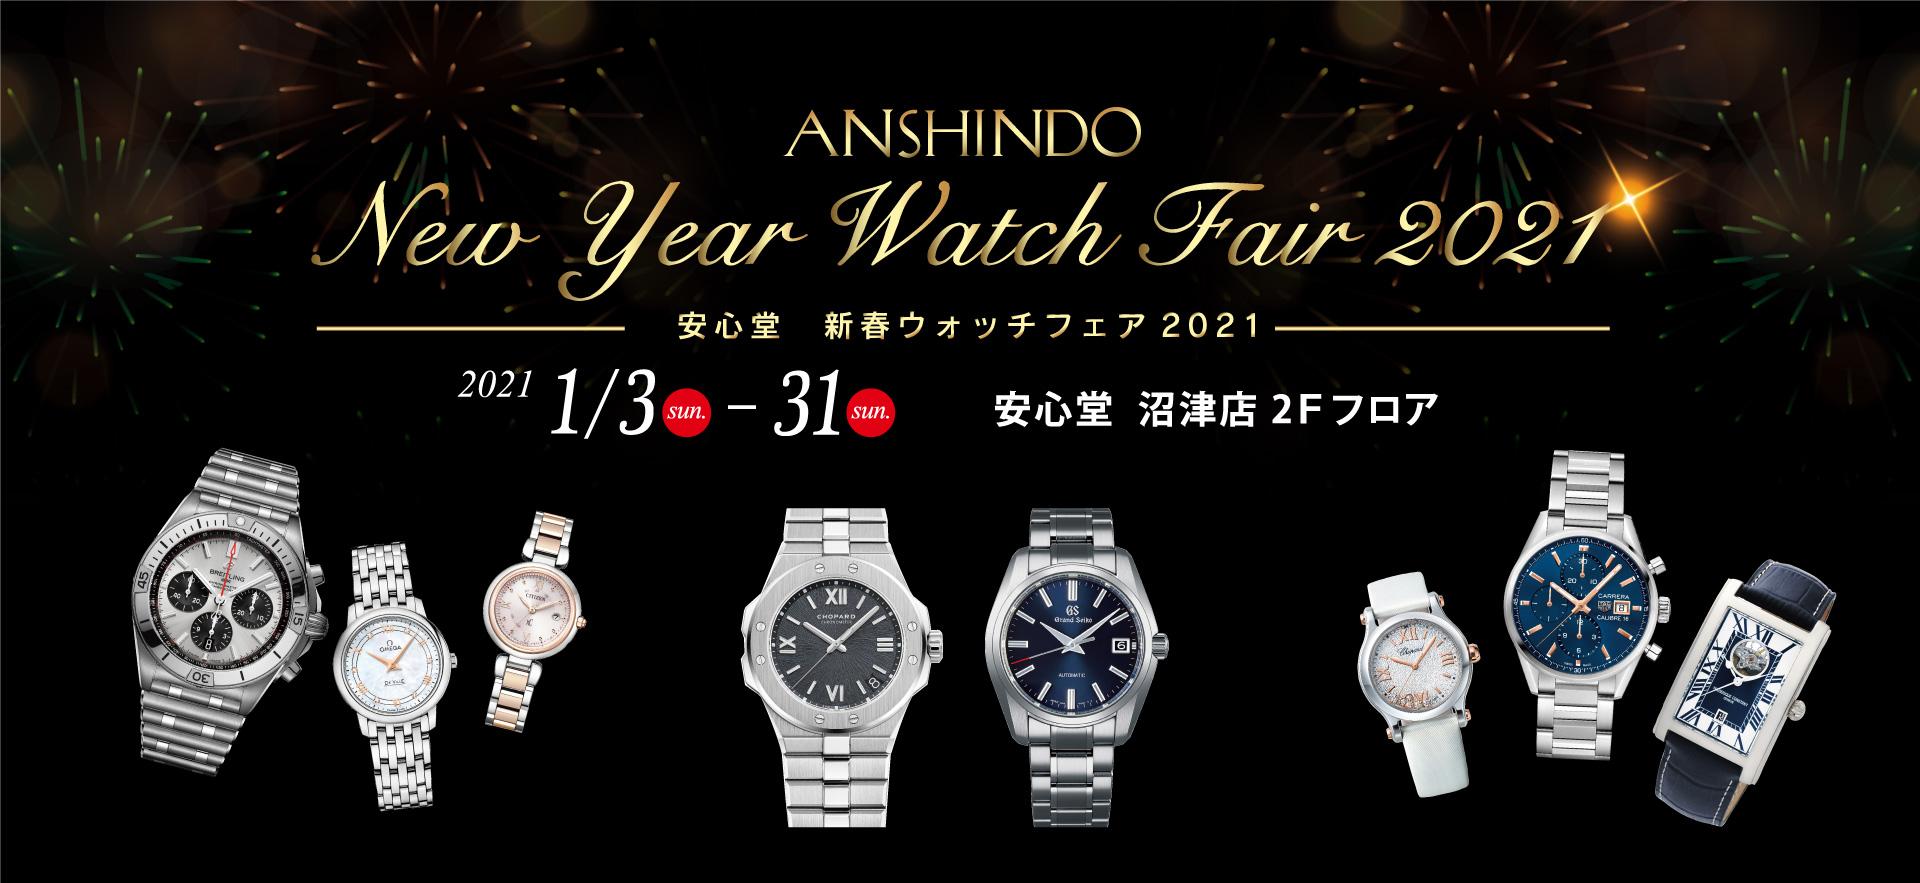 安心堂新春ウォッチフェア2021